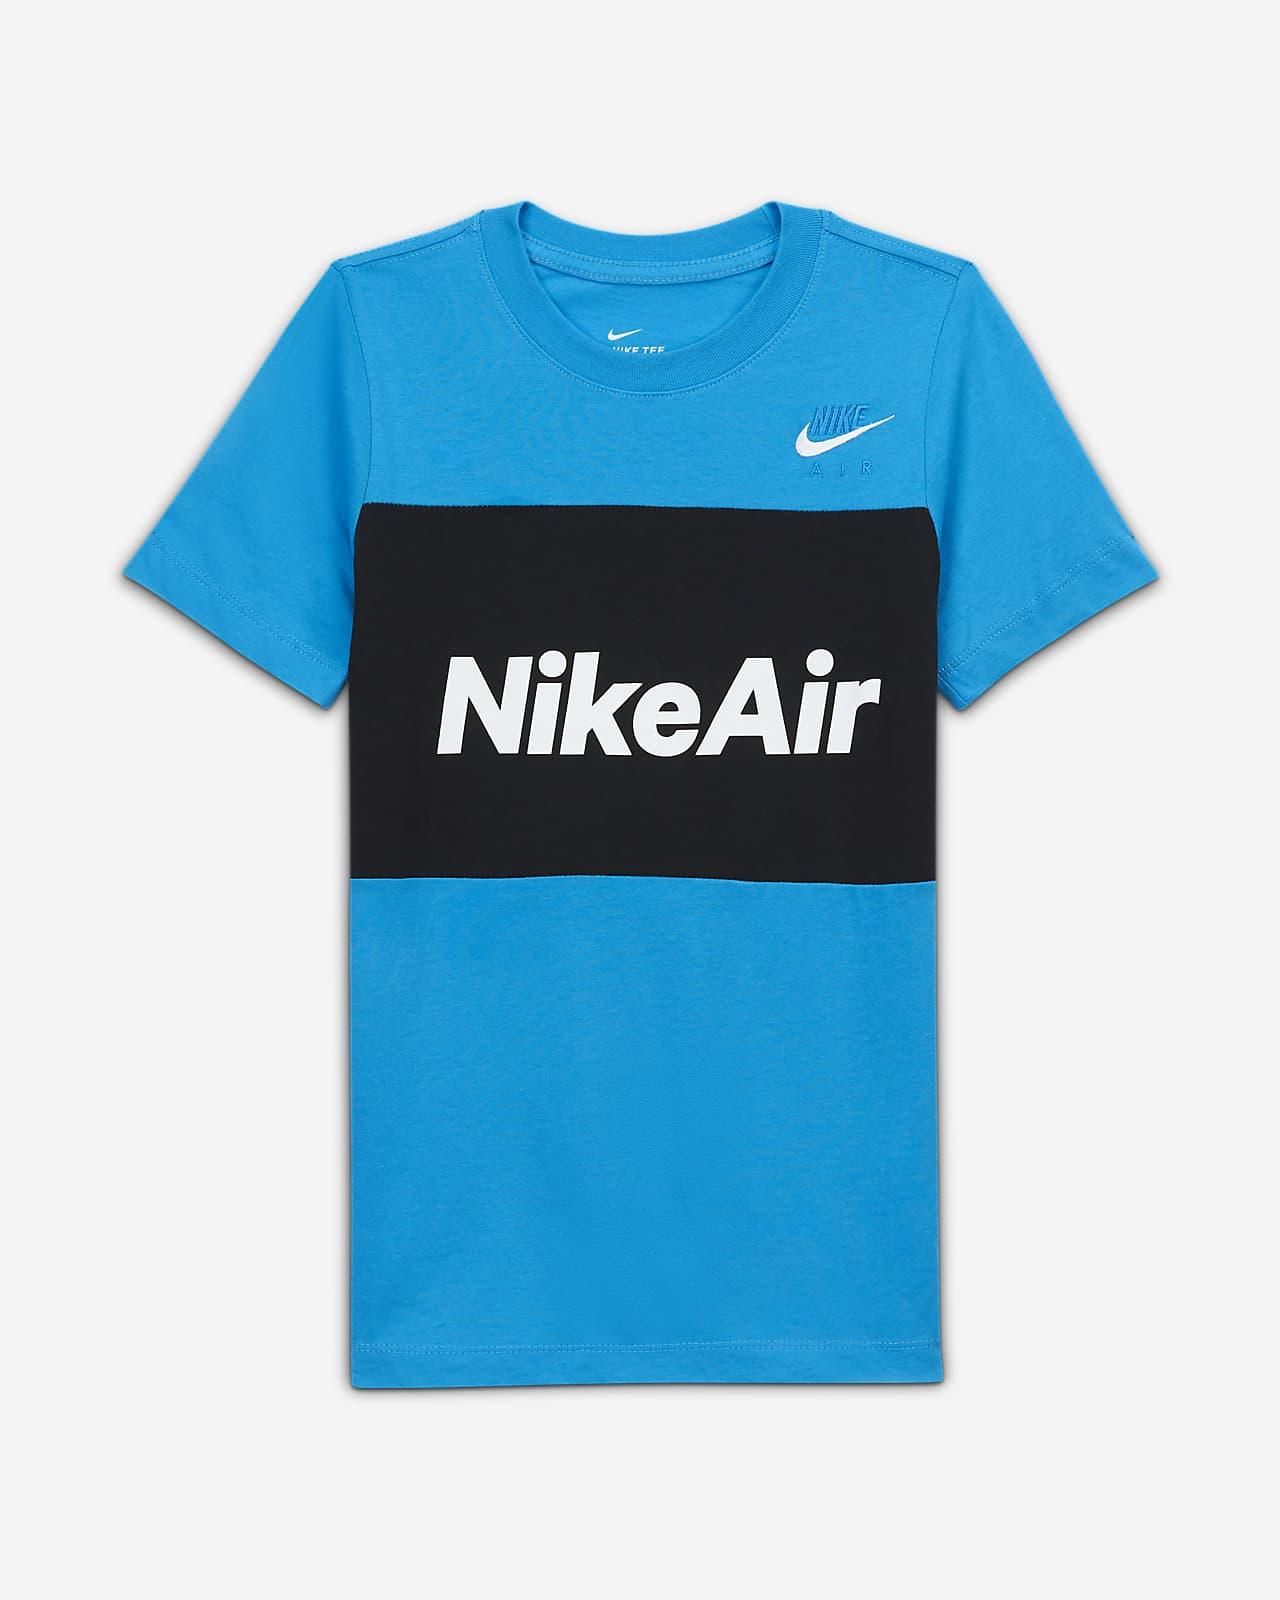 T-shirt dla dużych dzieci (chłopców) Nike Air